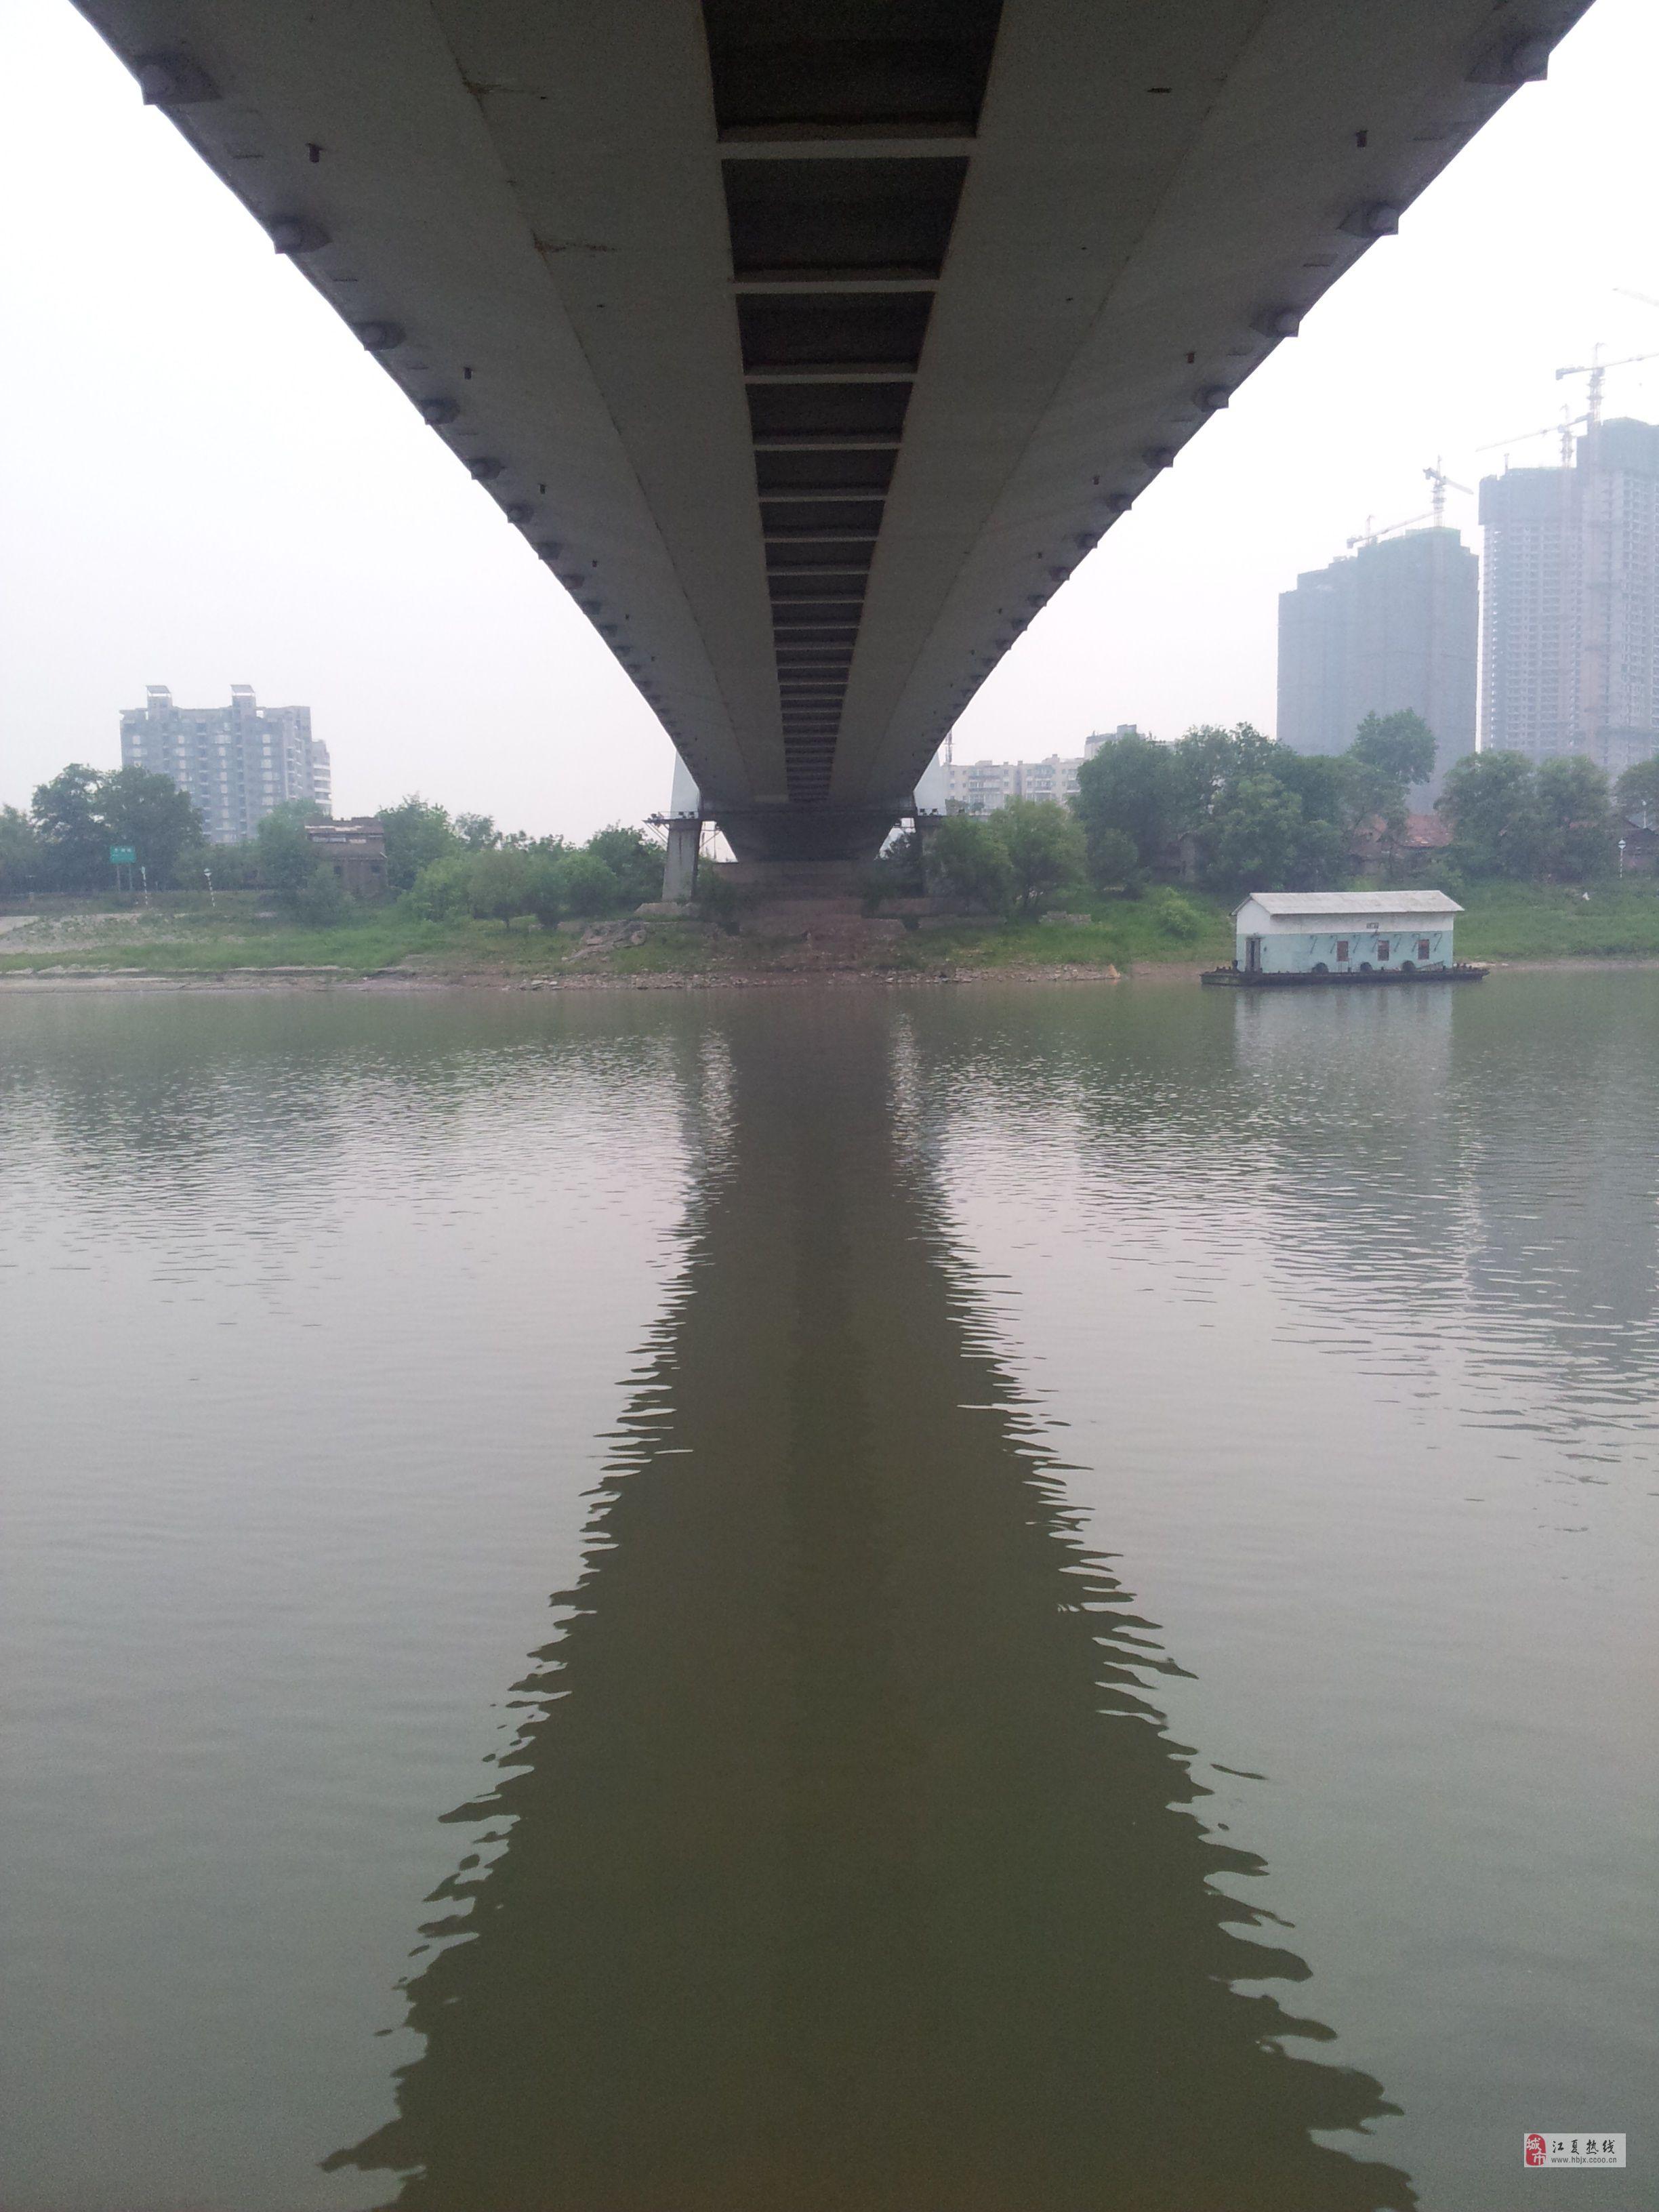 [原创]汉江边上——-抽烟的女初中生及爱情誓言文化墙